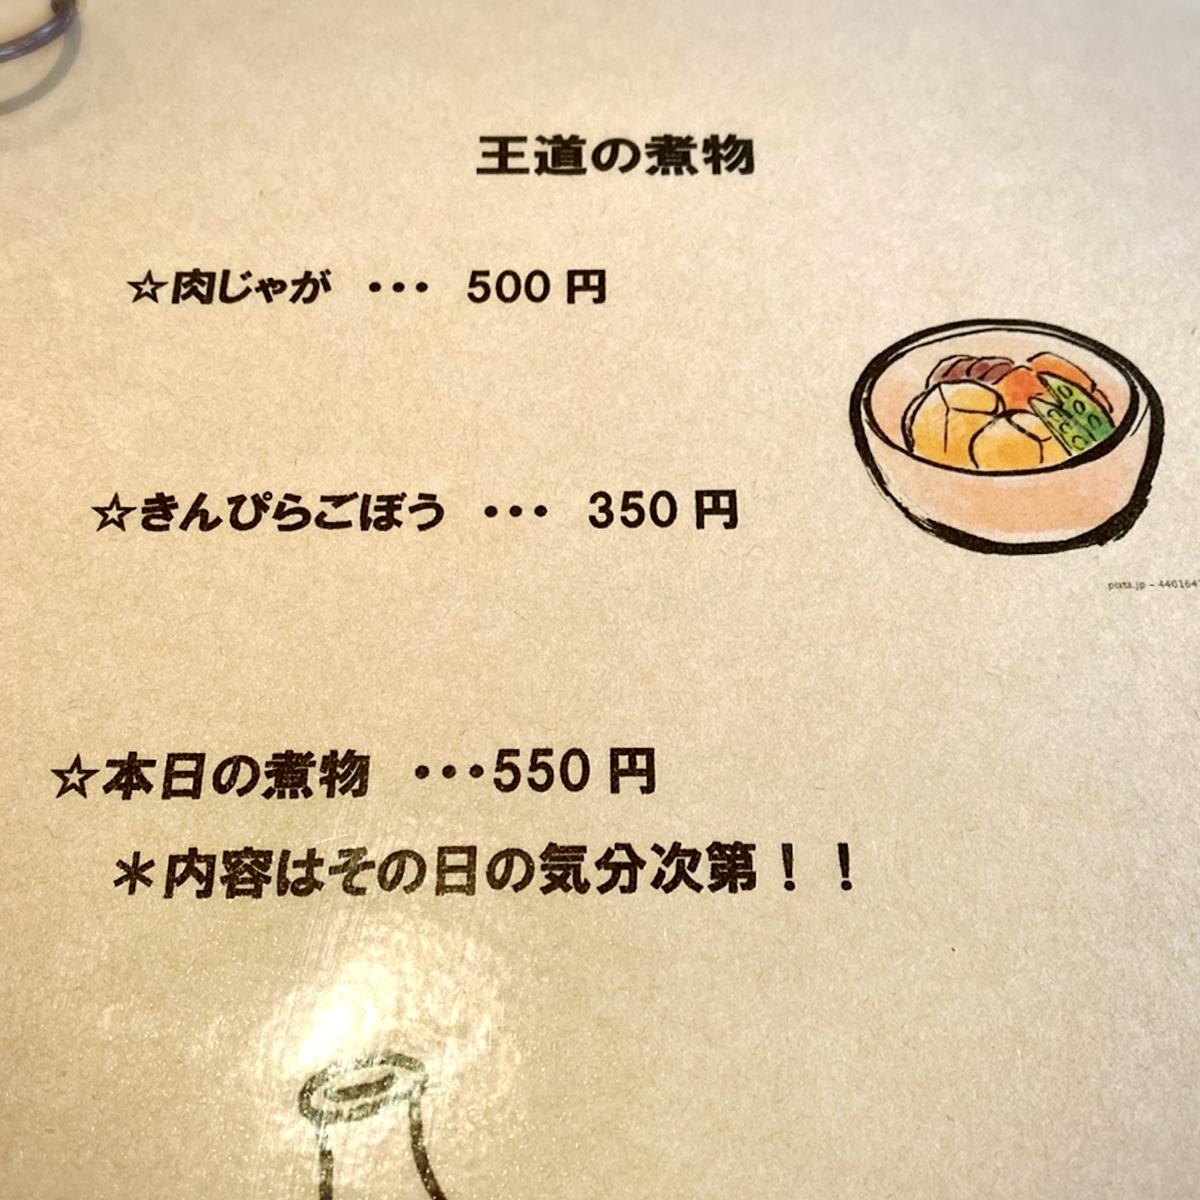 「御菜屋 紅青椒(パプリカ)」のメニューと値段6